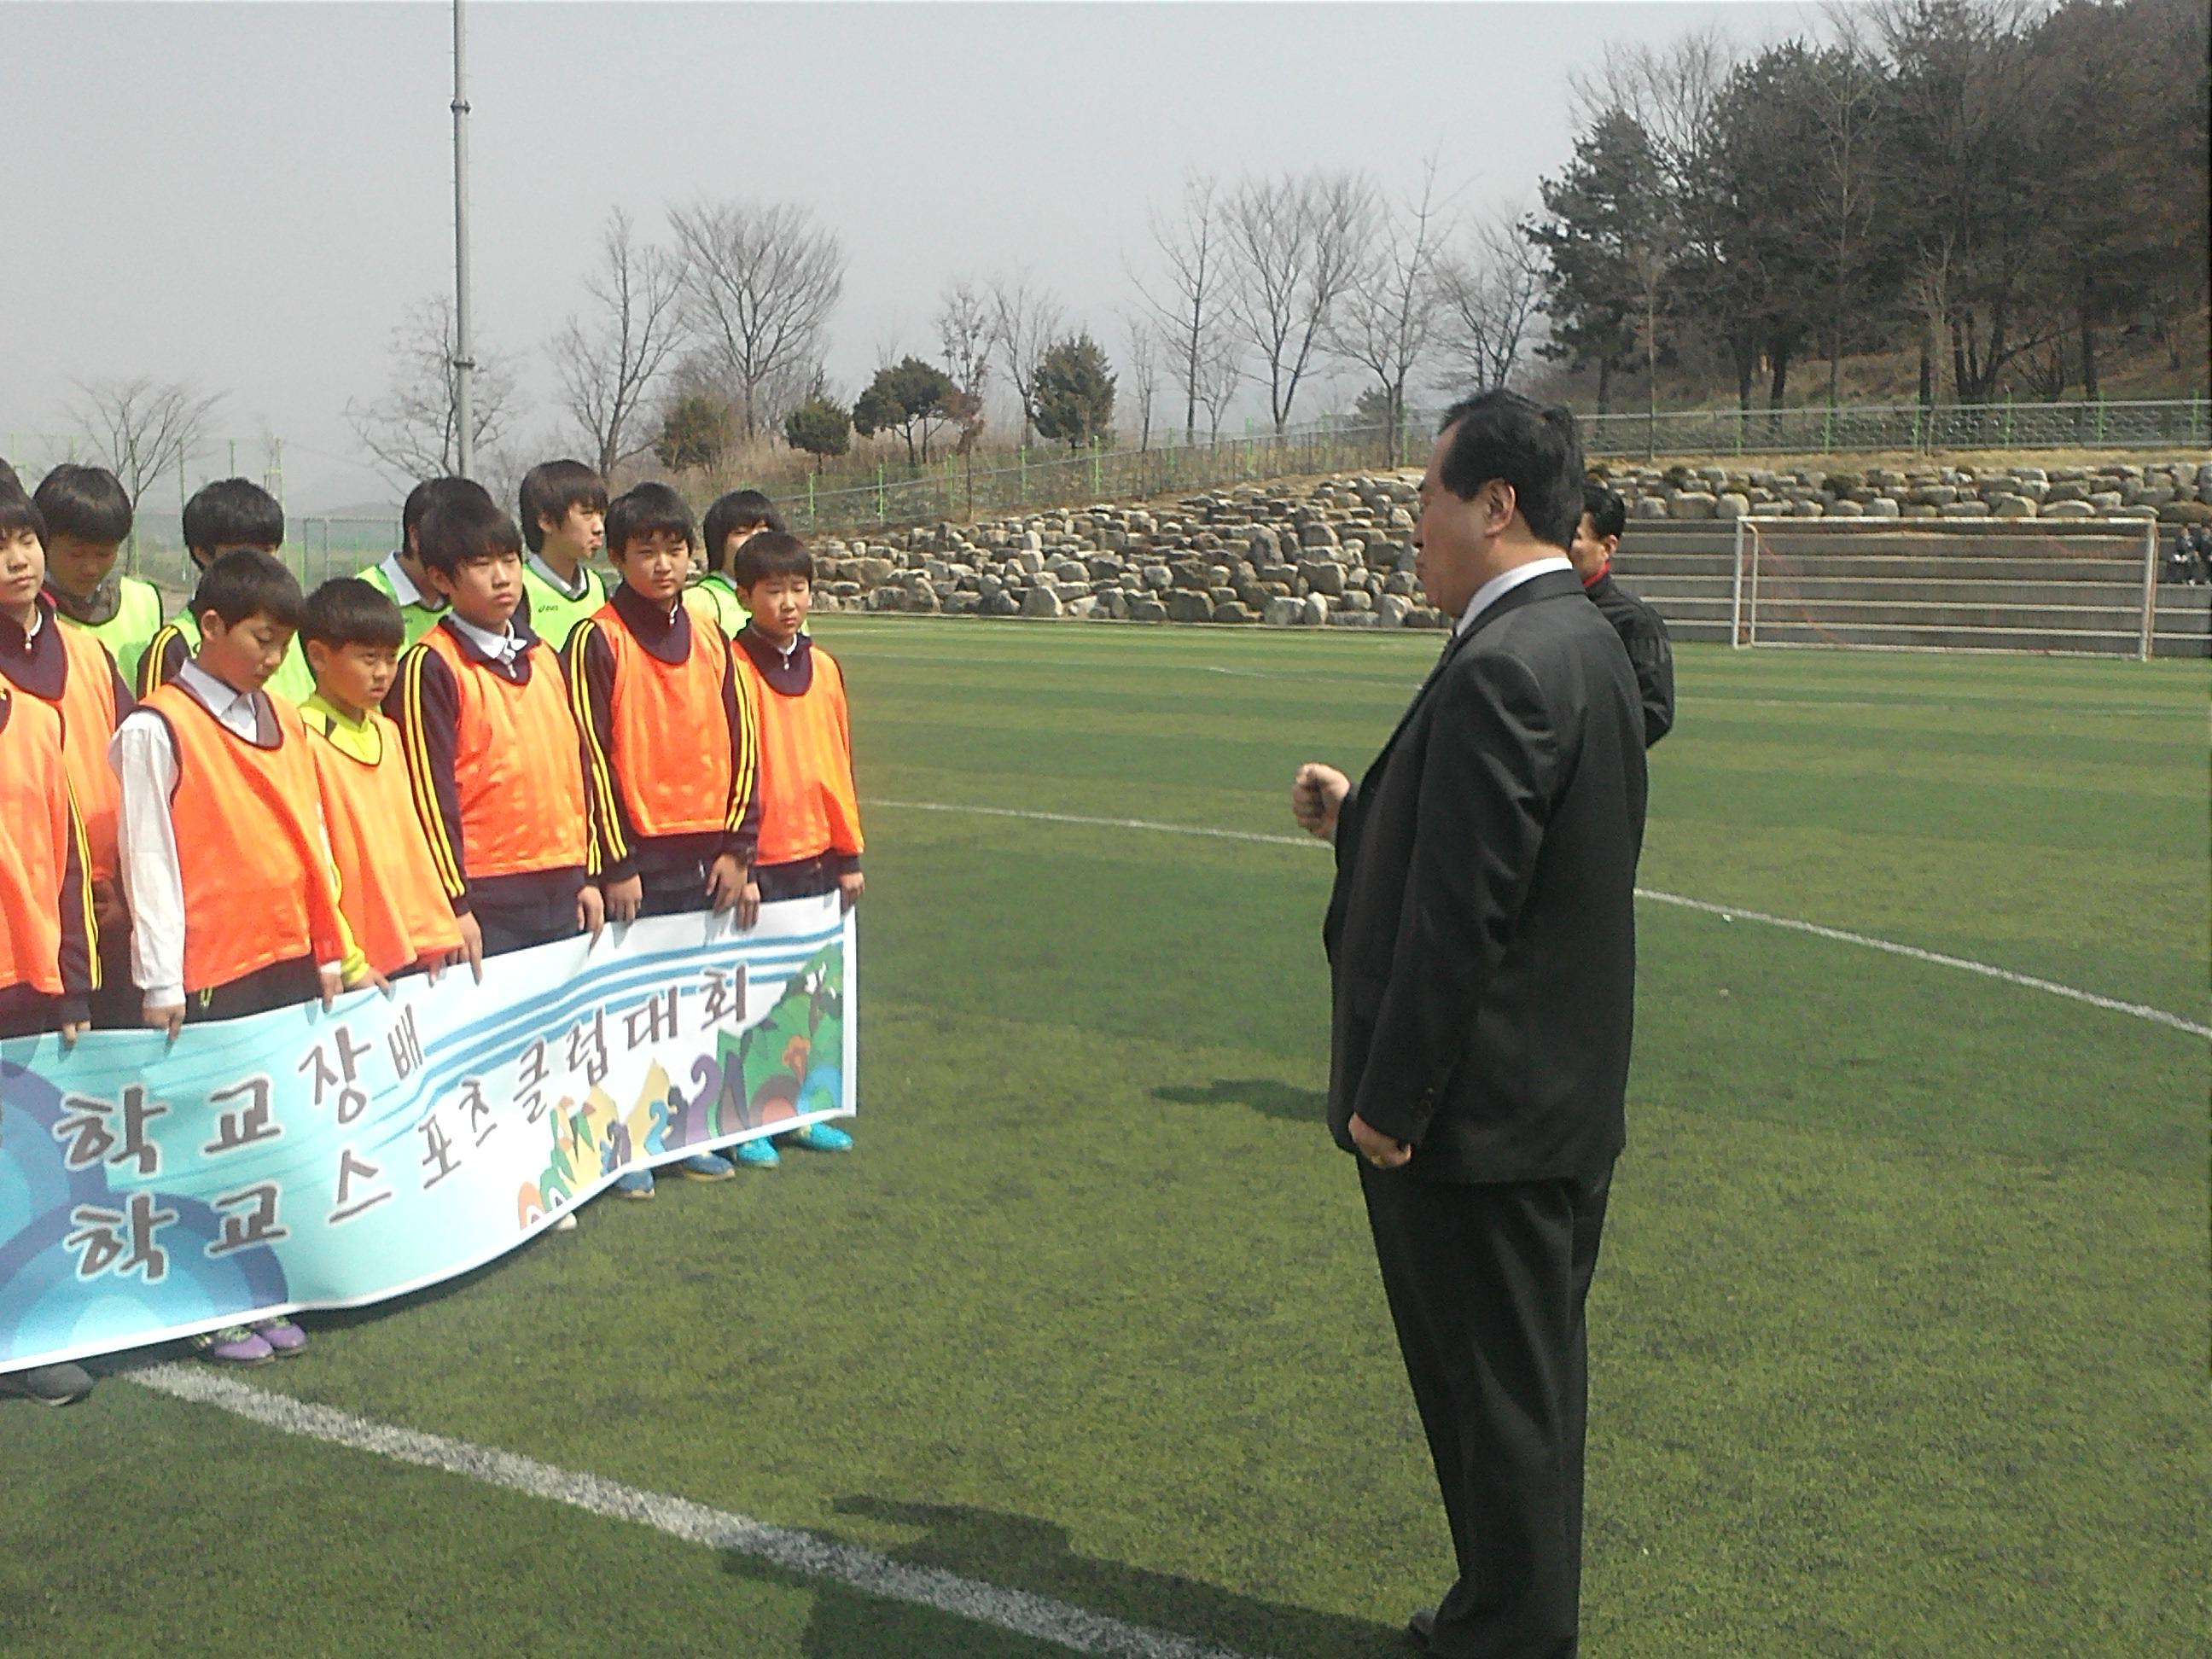 [일반] 배려와 나눔이 있는 2013학교장배 학교스포츠클럽대회의 첨부이미지 3